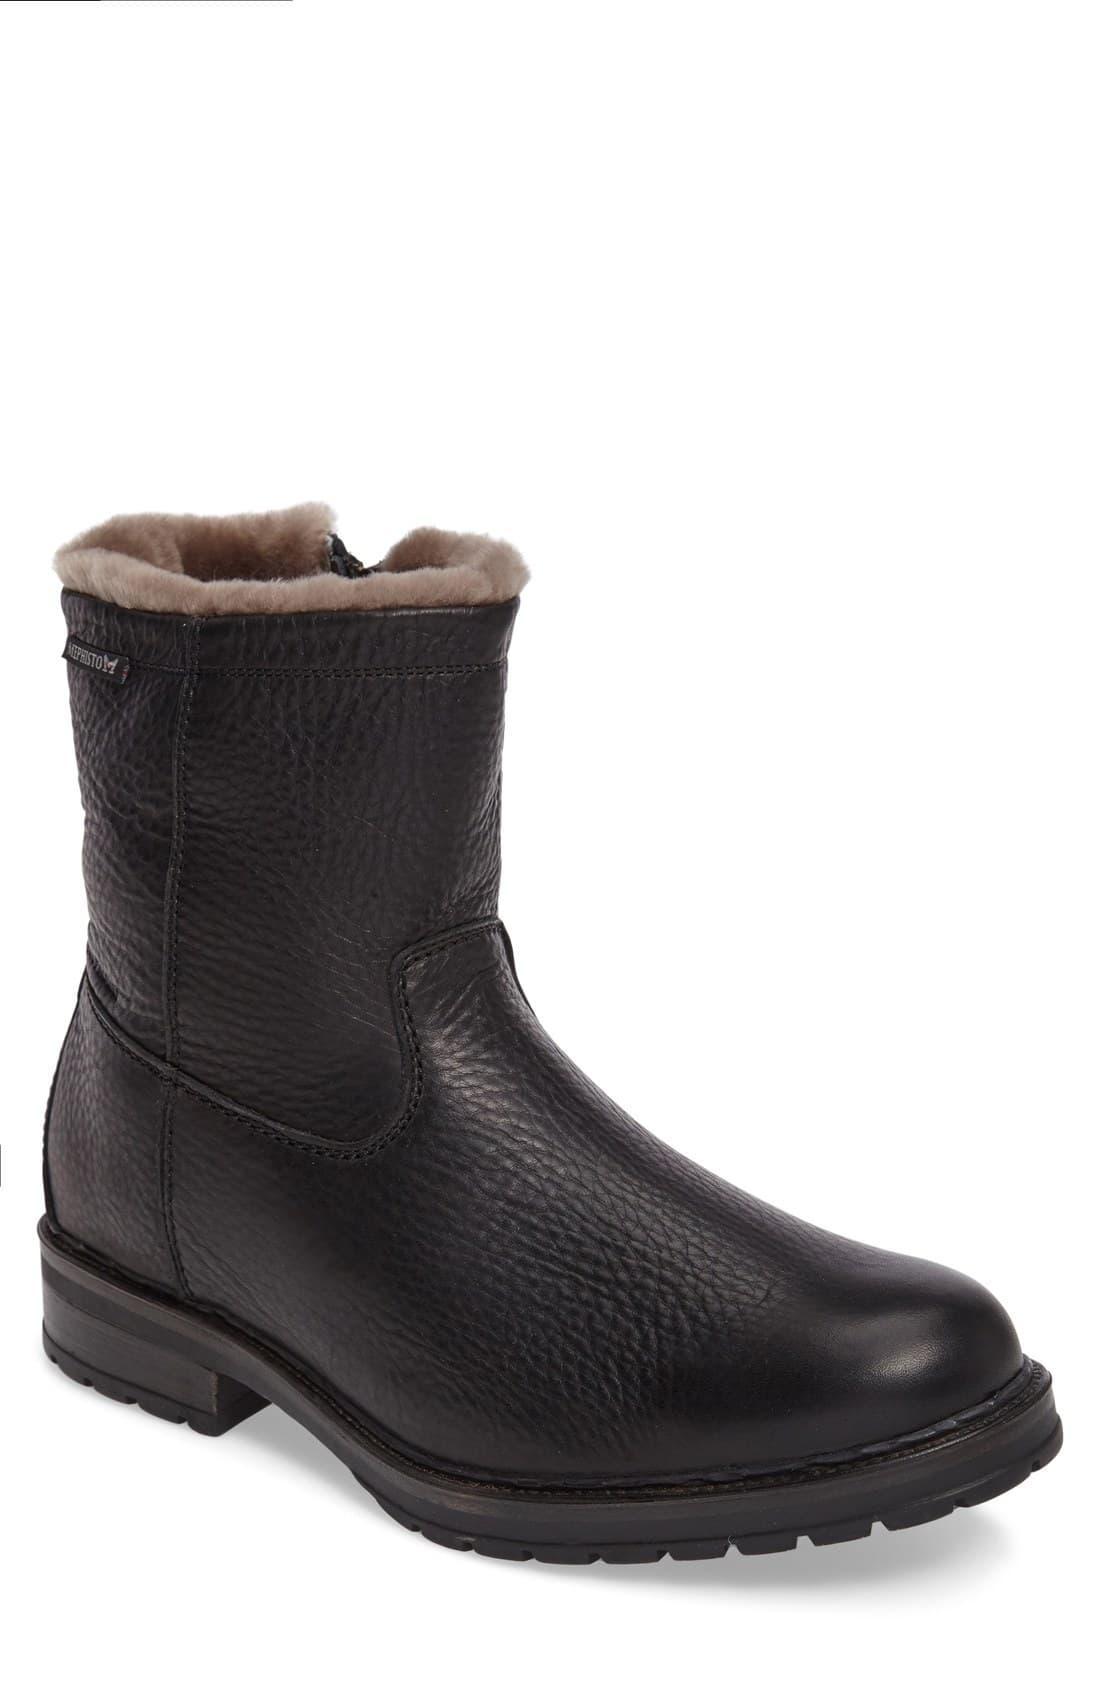 e5c440d1c8 Mephisto Leonardo Genuine Shearling Lined Boot in Brown for Men ...